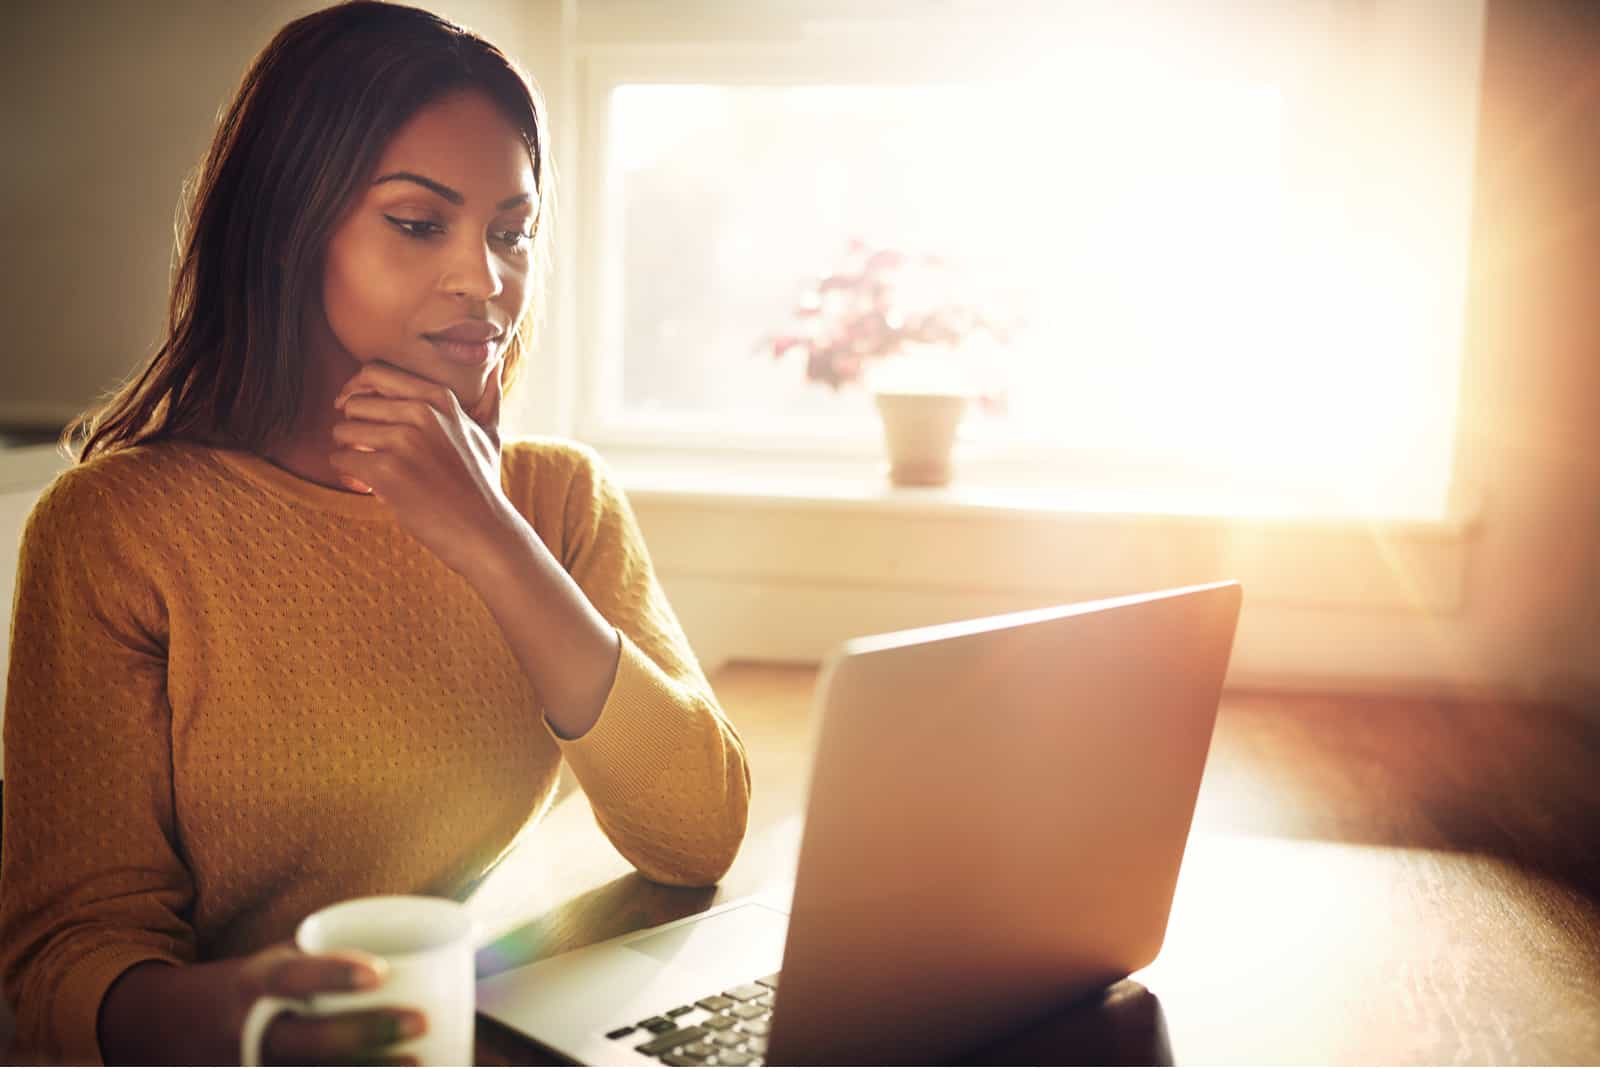 Belle femme avec la main sur le menton assis près de la fenêtre lumineuse tout en regardant un ordinateur portable ouvert